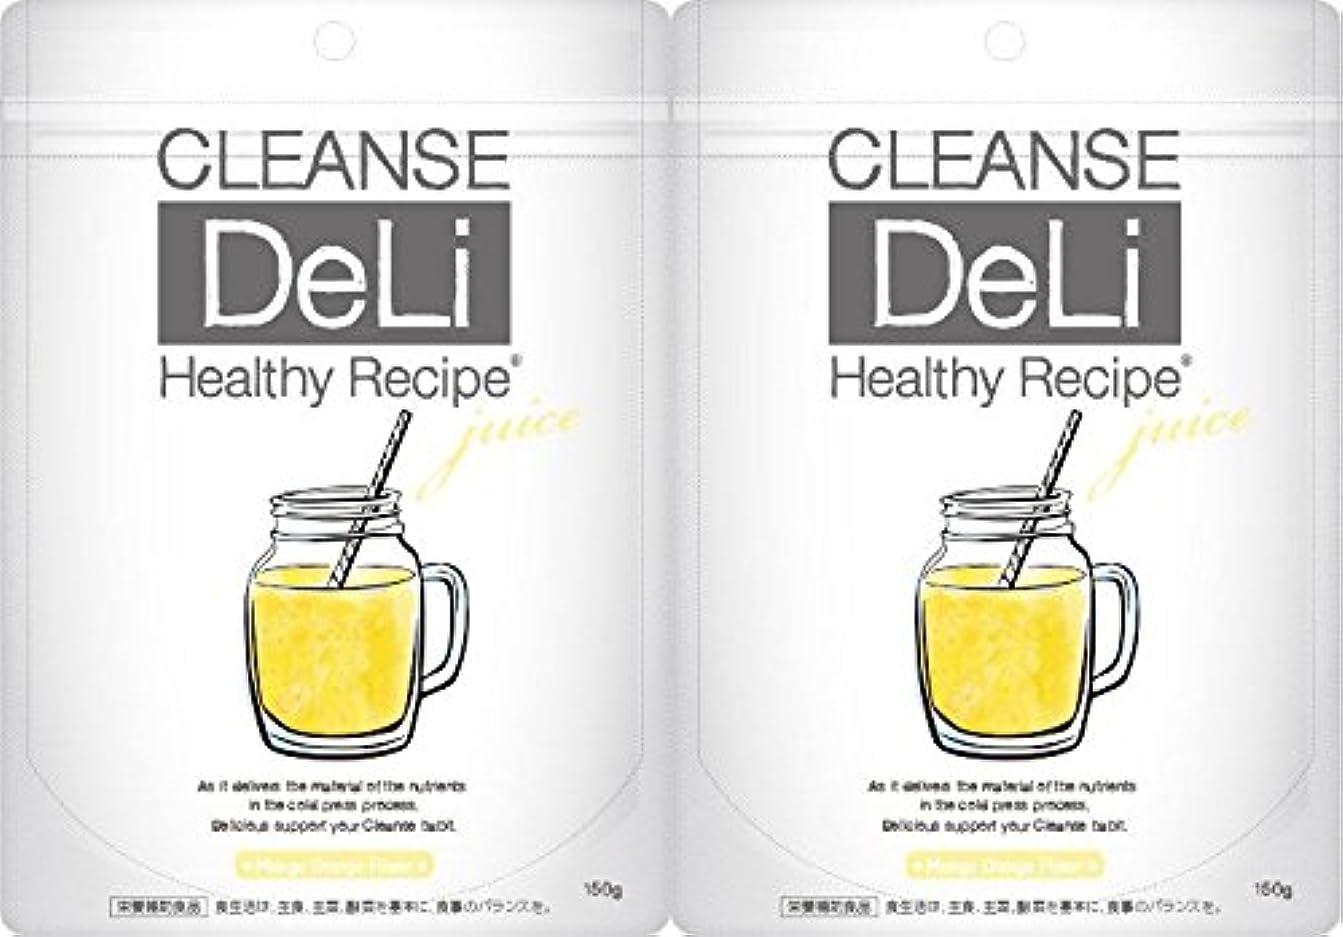 テレビ気を散らす慈善【2個セット】クレンズデリ ヘルシーレシピ マンゴーオレンジ 150g